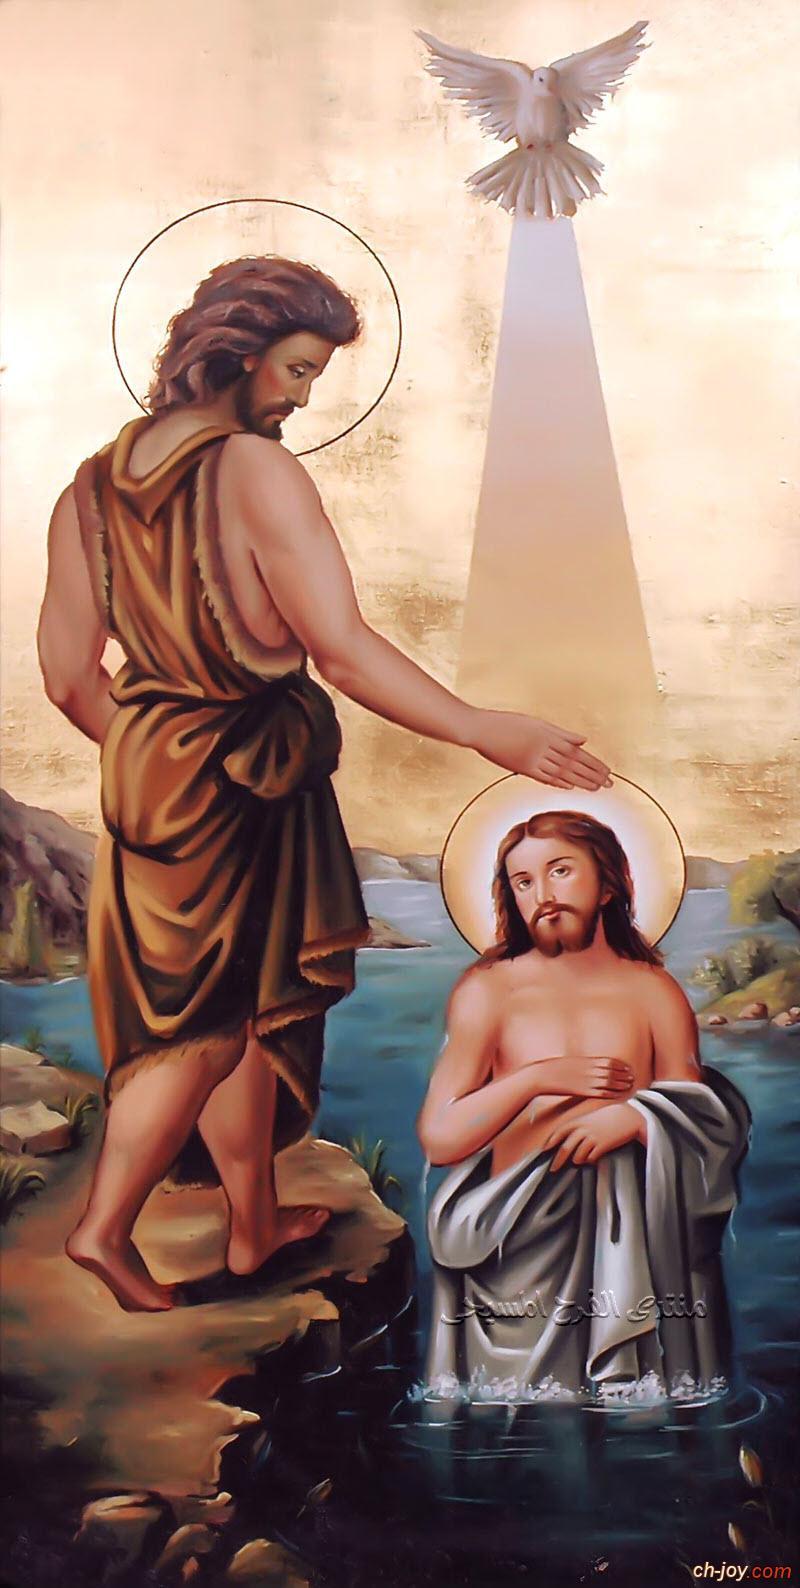 بوستر عماد السيد المسيح فى نهر الأردن ( عيد الغطاس المجيد ) الظهور الإلهى